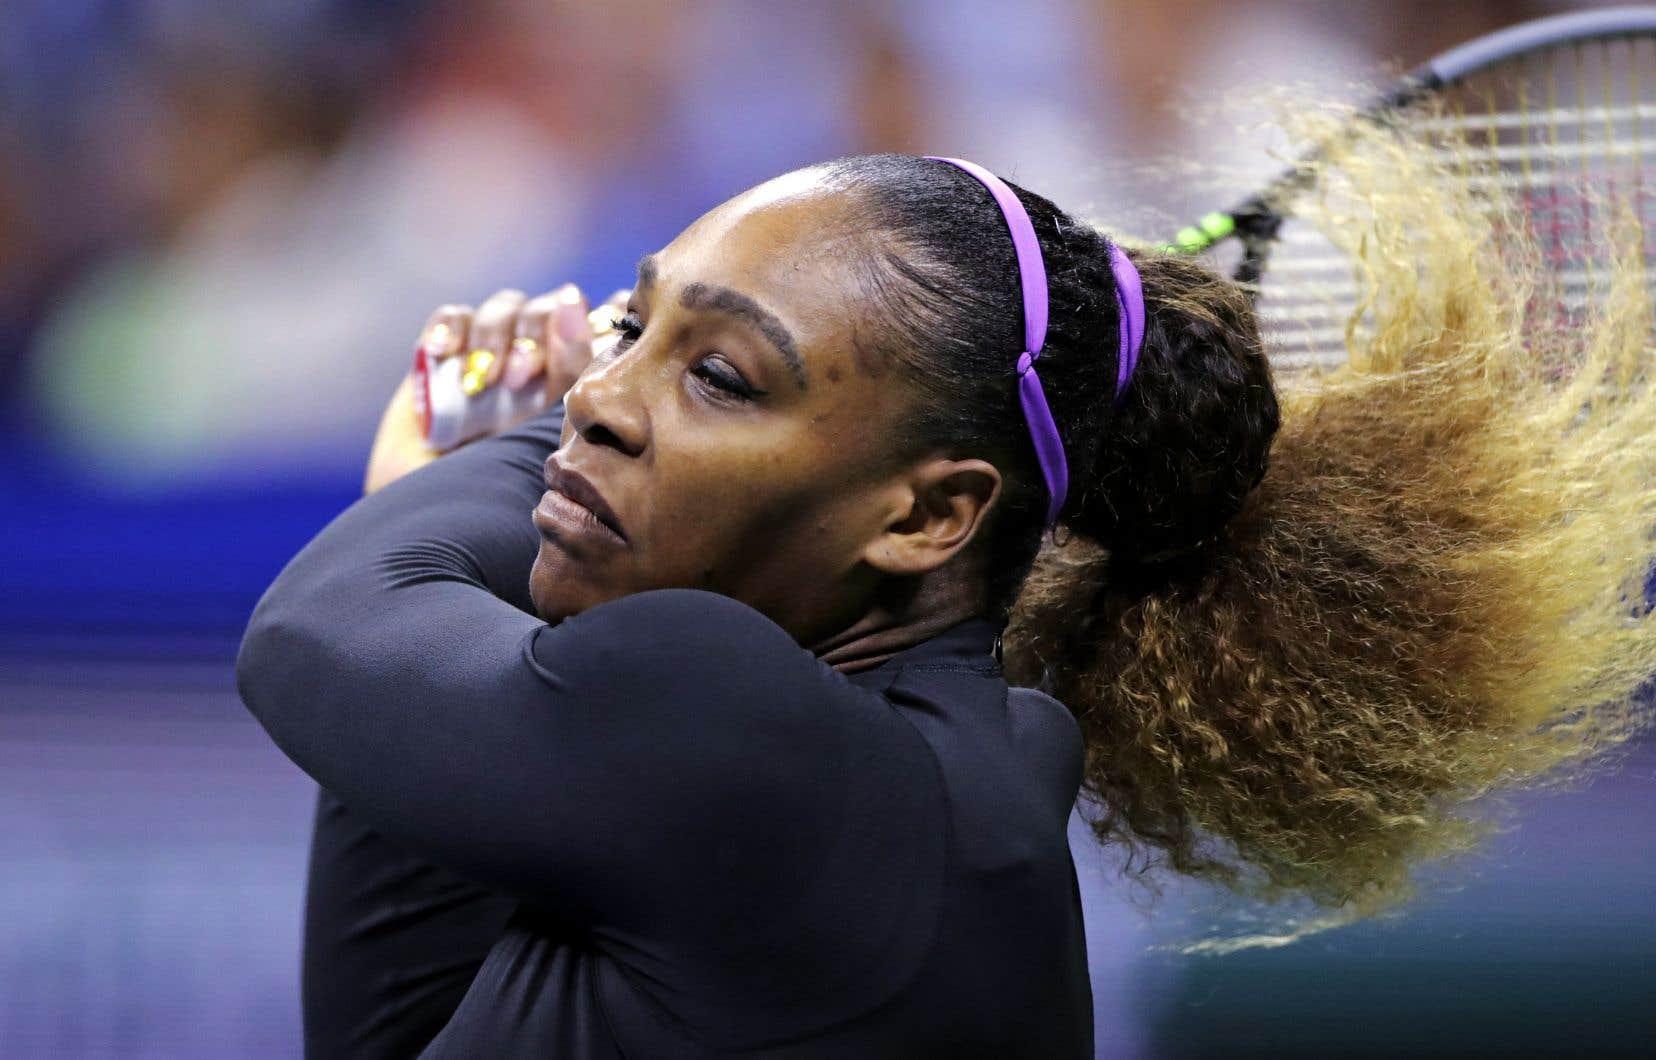 Après avoir remporté la première manche en 24 minutes, Serena Williams a continué sur cette lancée pour le reste du match.